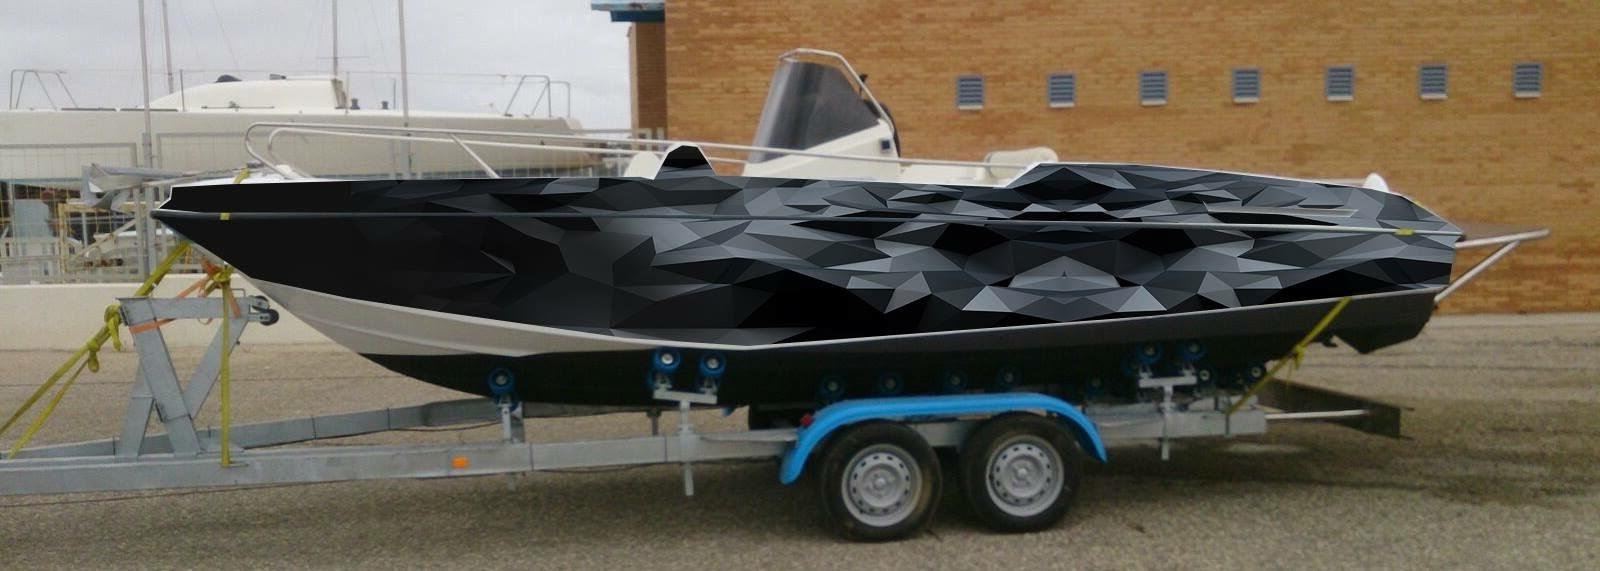 bateau covering boat seur d'adhésifs